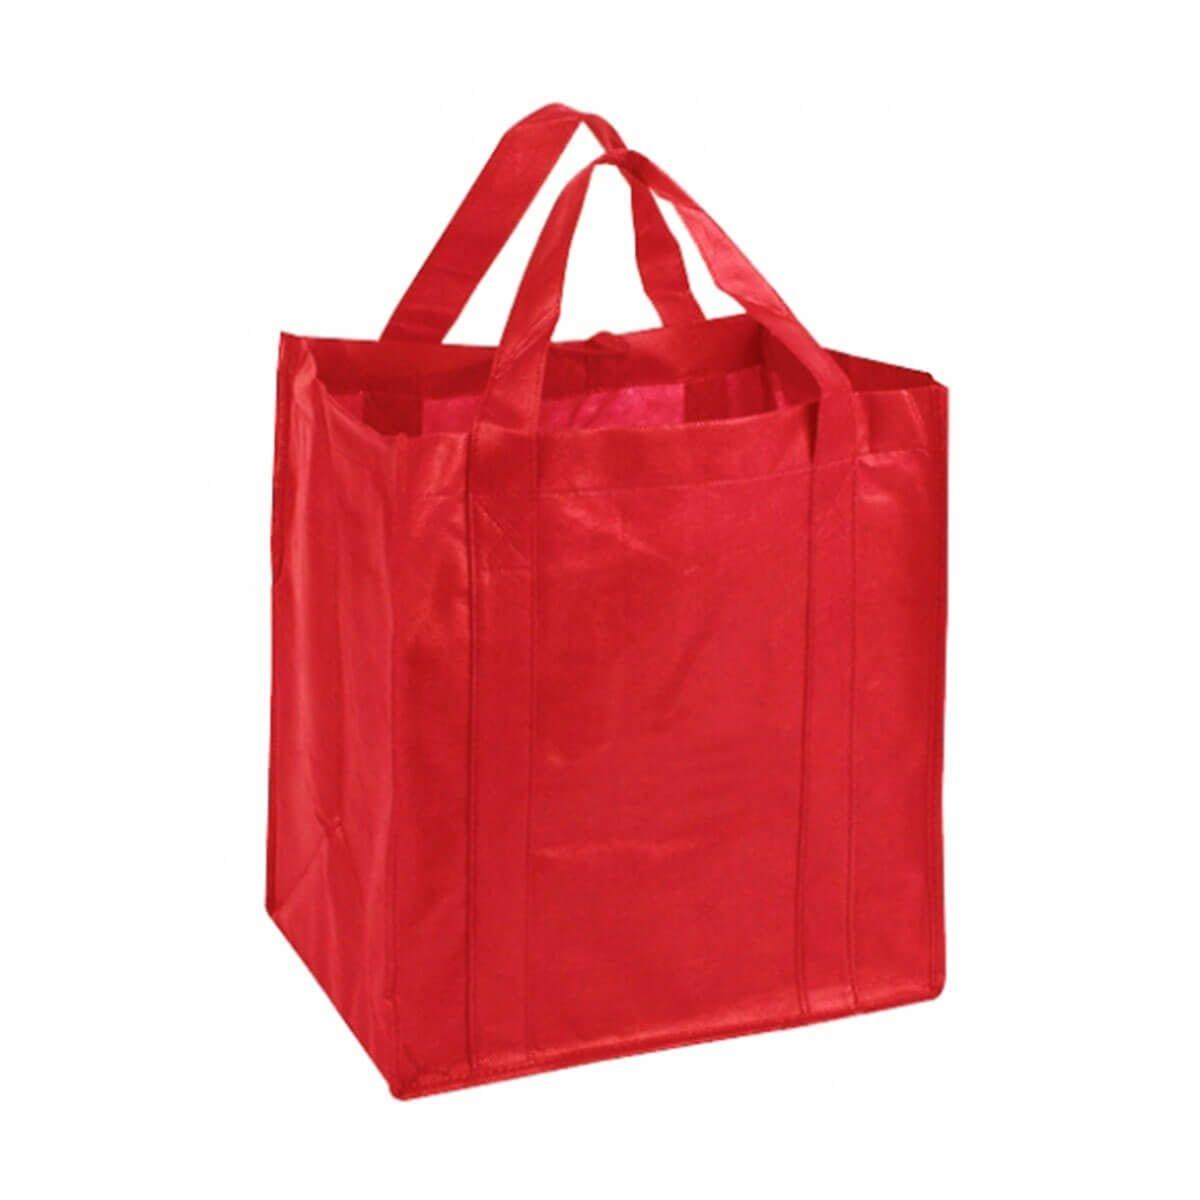 Non-Woven Shopping Bag-Red